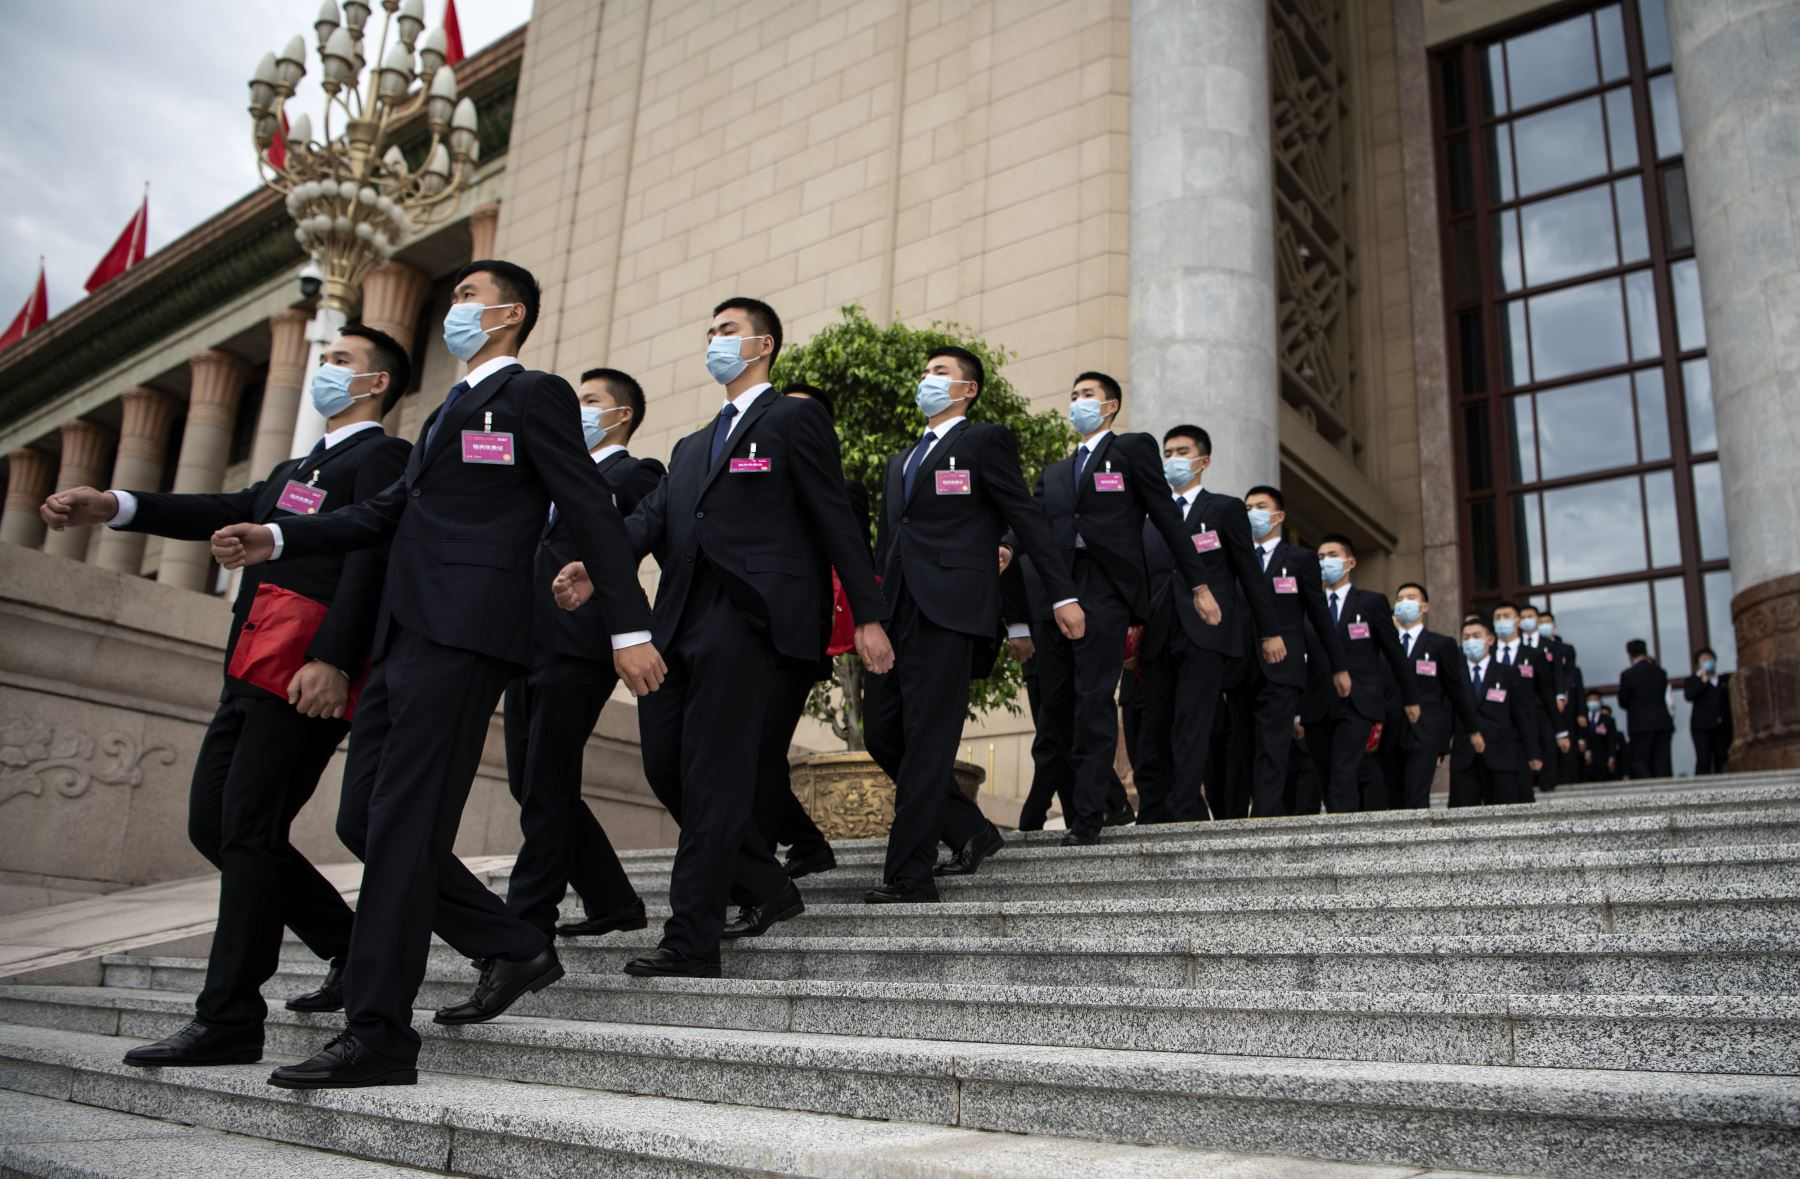 El personal de seguridad marchó después de la segunda sesión plenaria del Congreso Nacional del Pueblo (APN) en el Gran Salón del Pueblo en Beijing. Foto: AFP